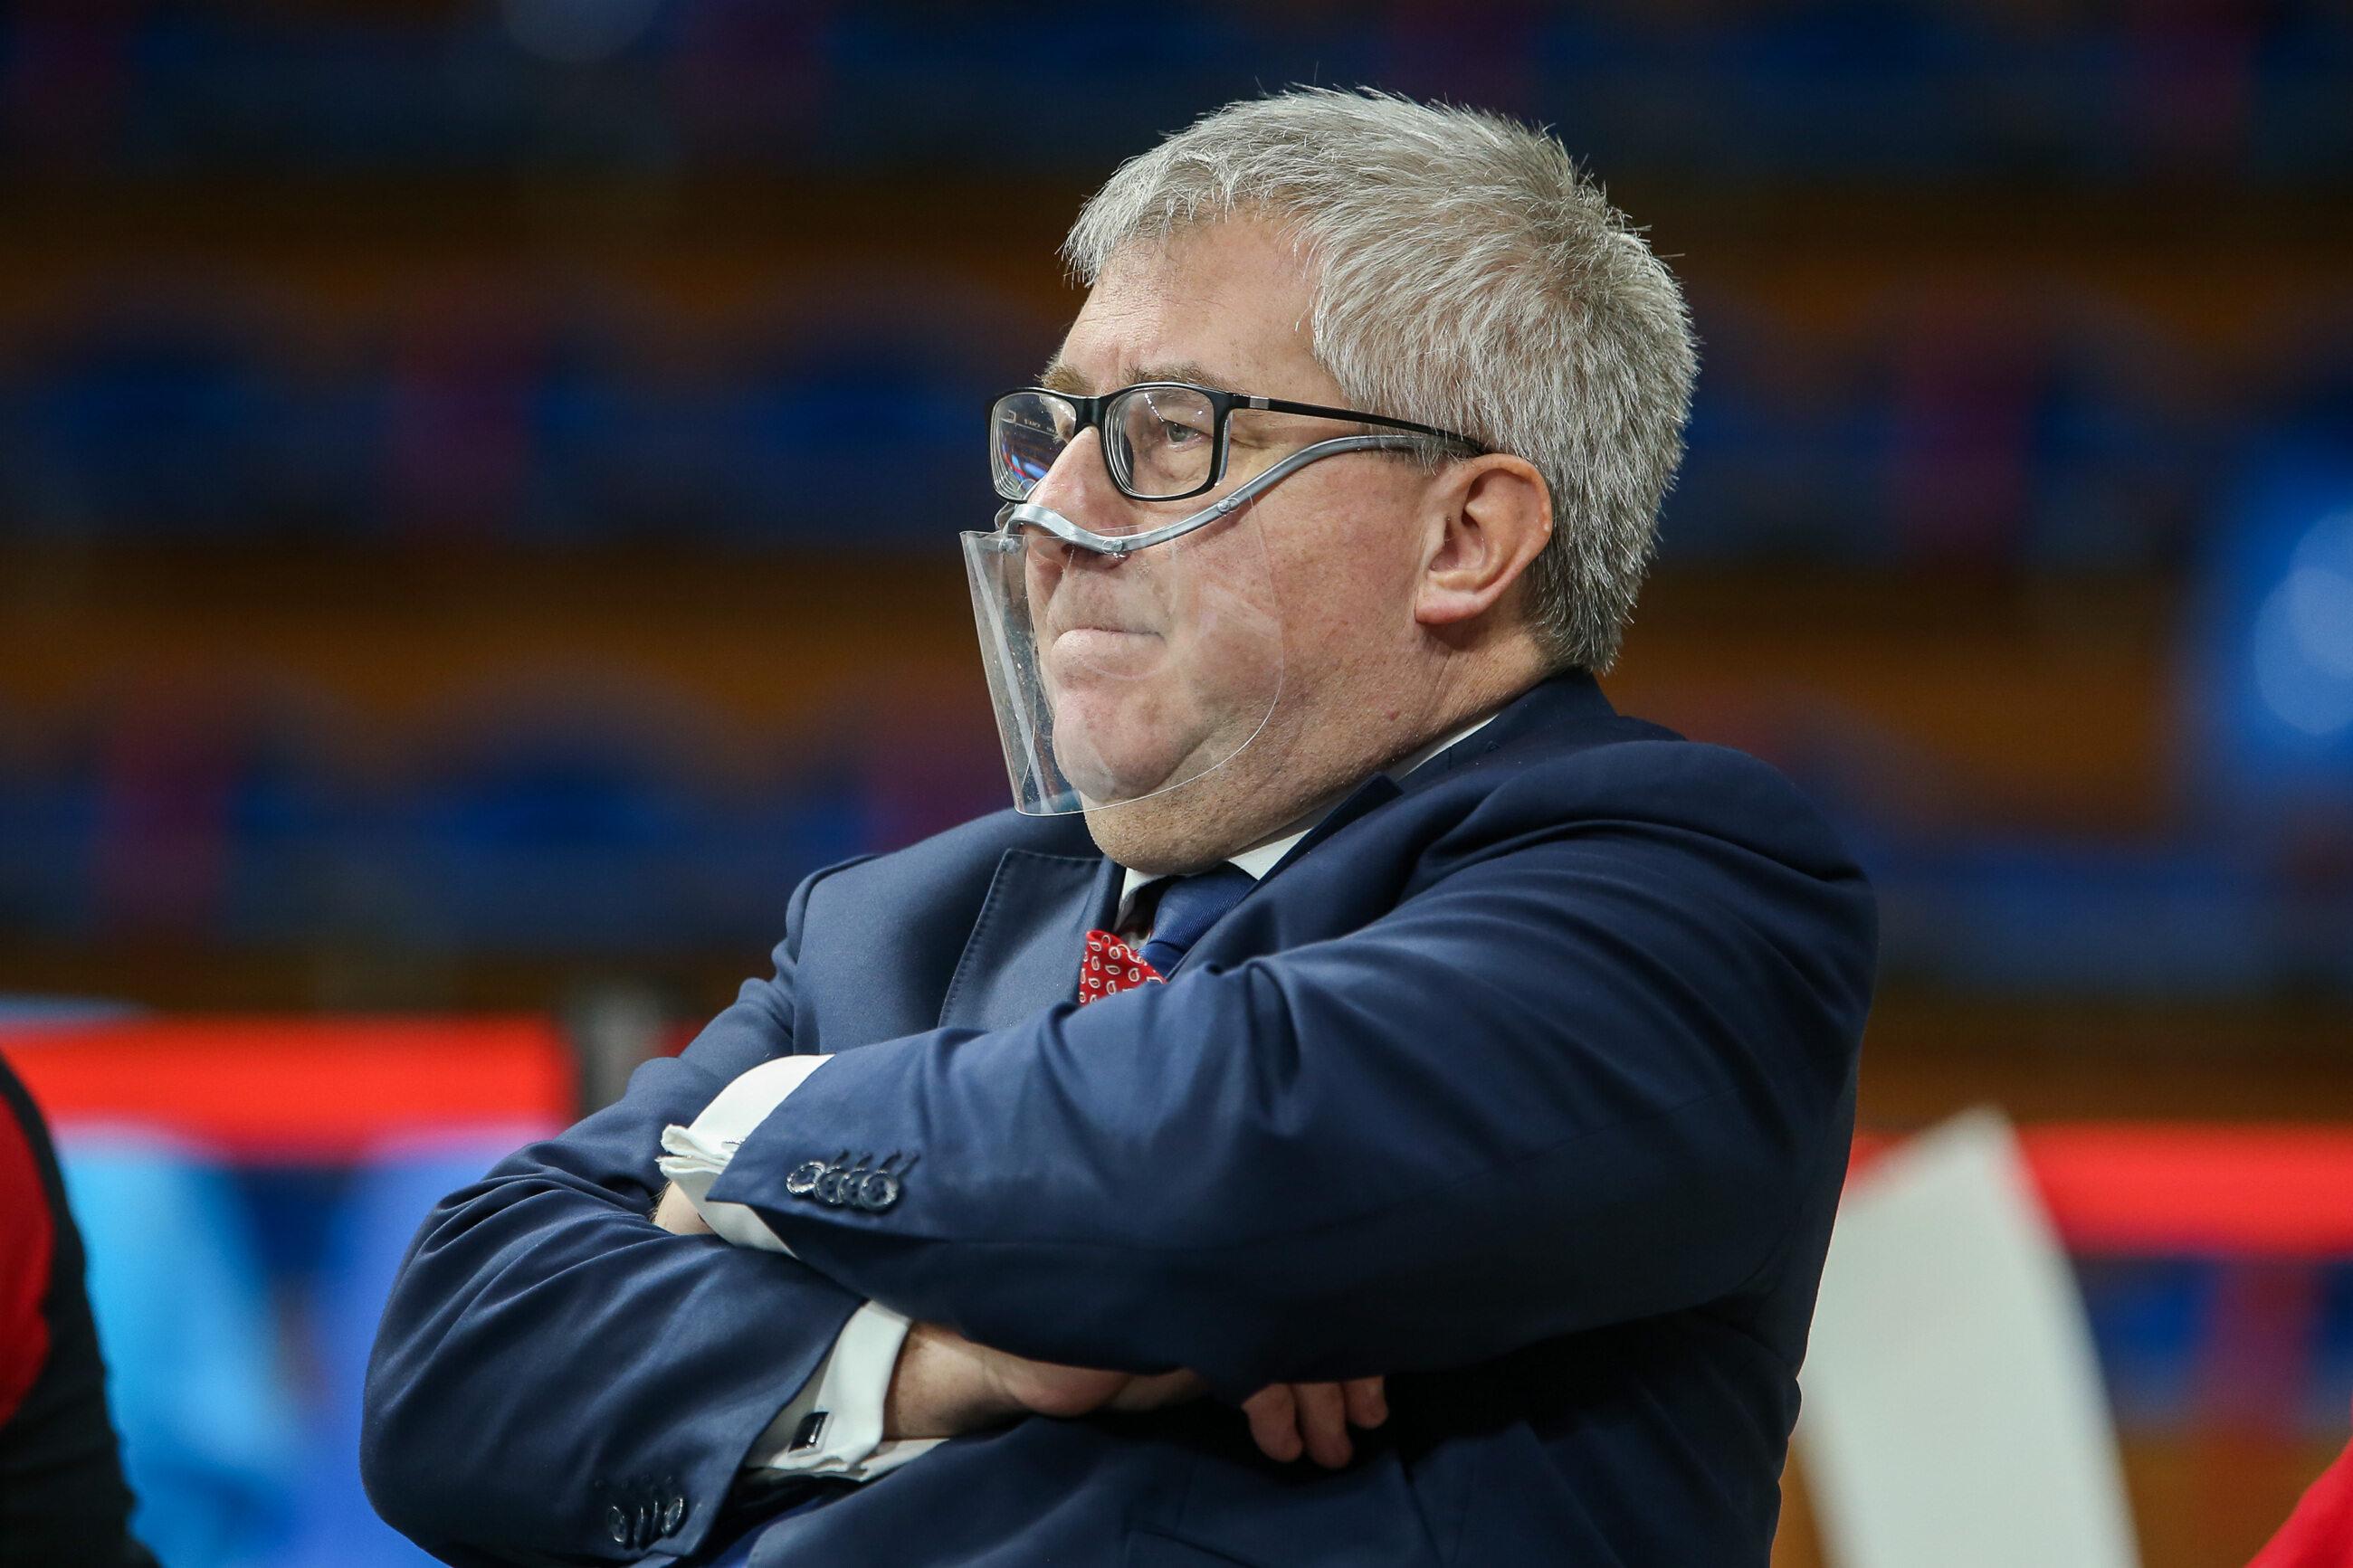 Nowa funkcja Ryszarda Czarneckiego. Czym będzie zajmował się europoseł PiS?